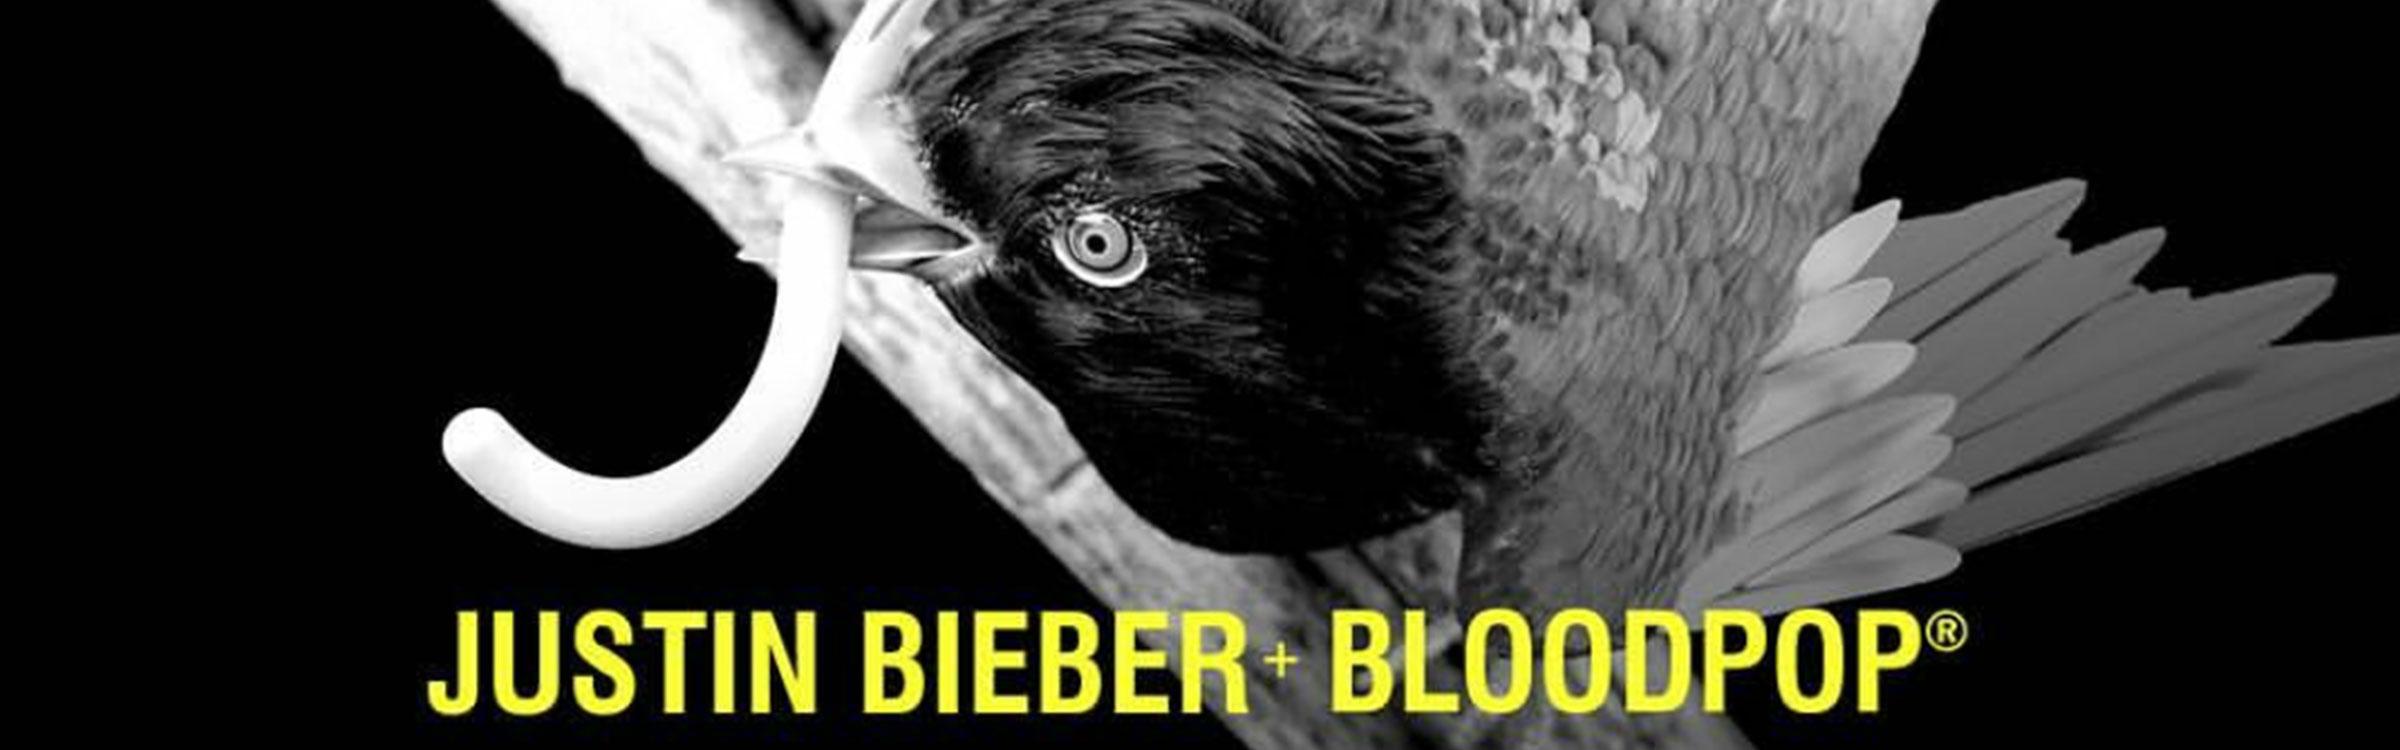 Justinbieber header